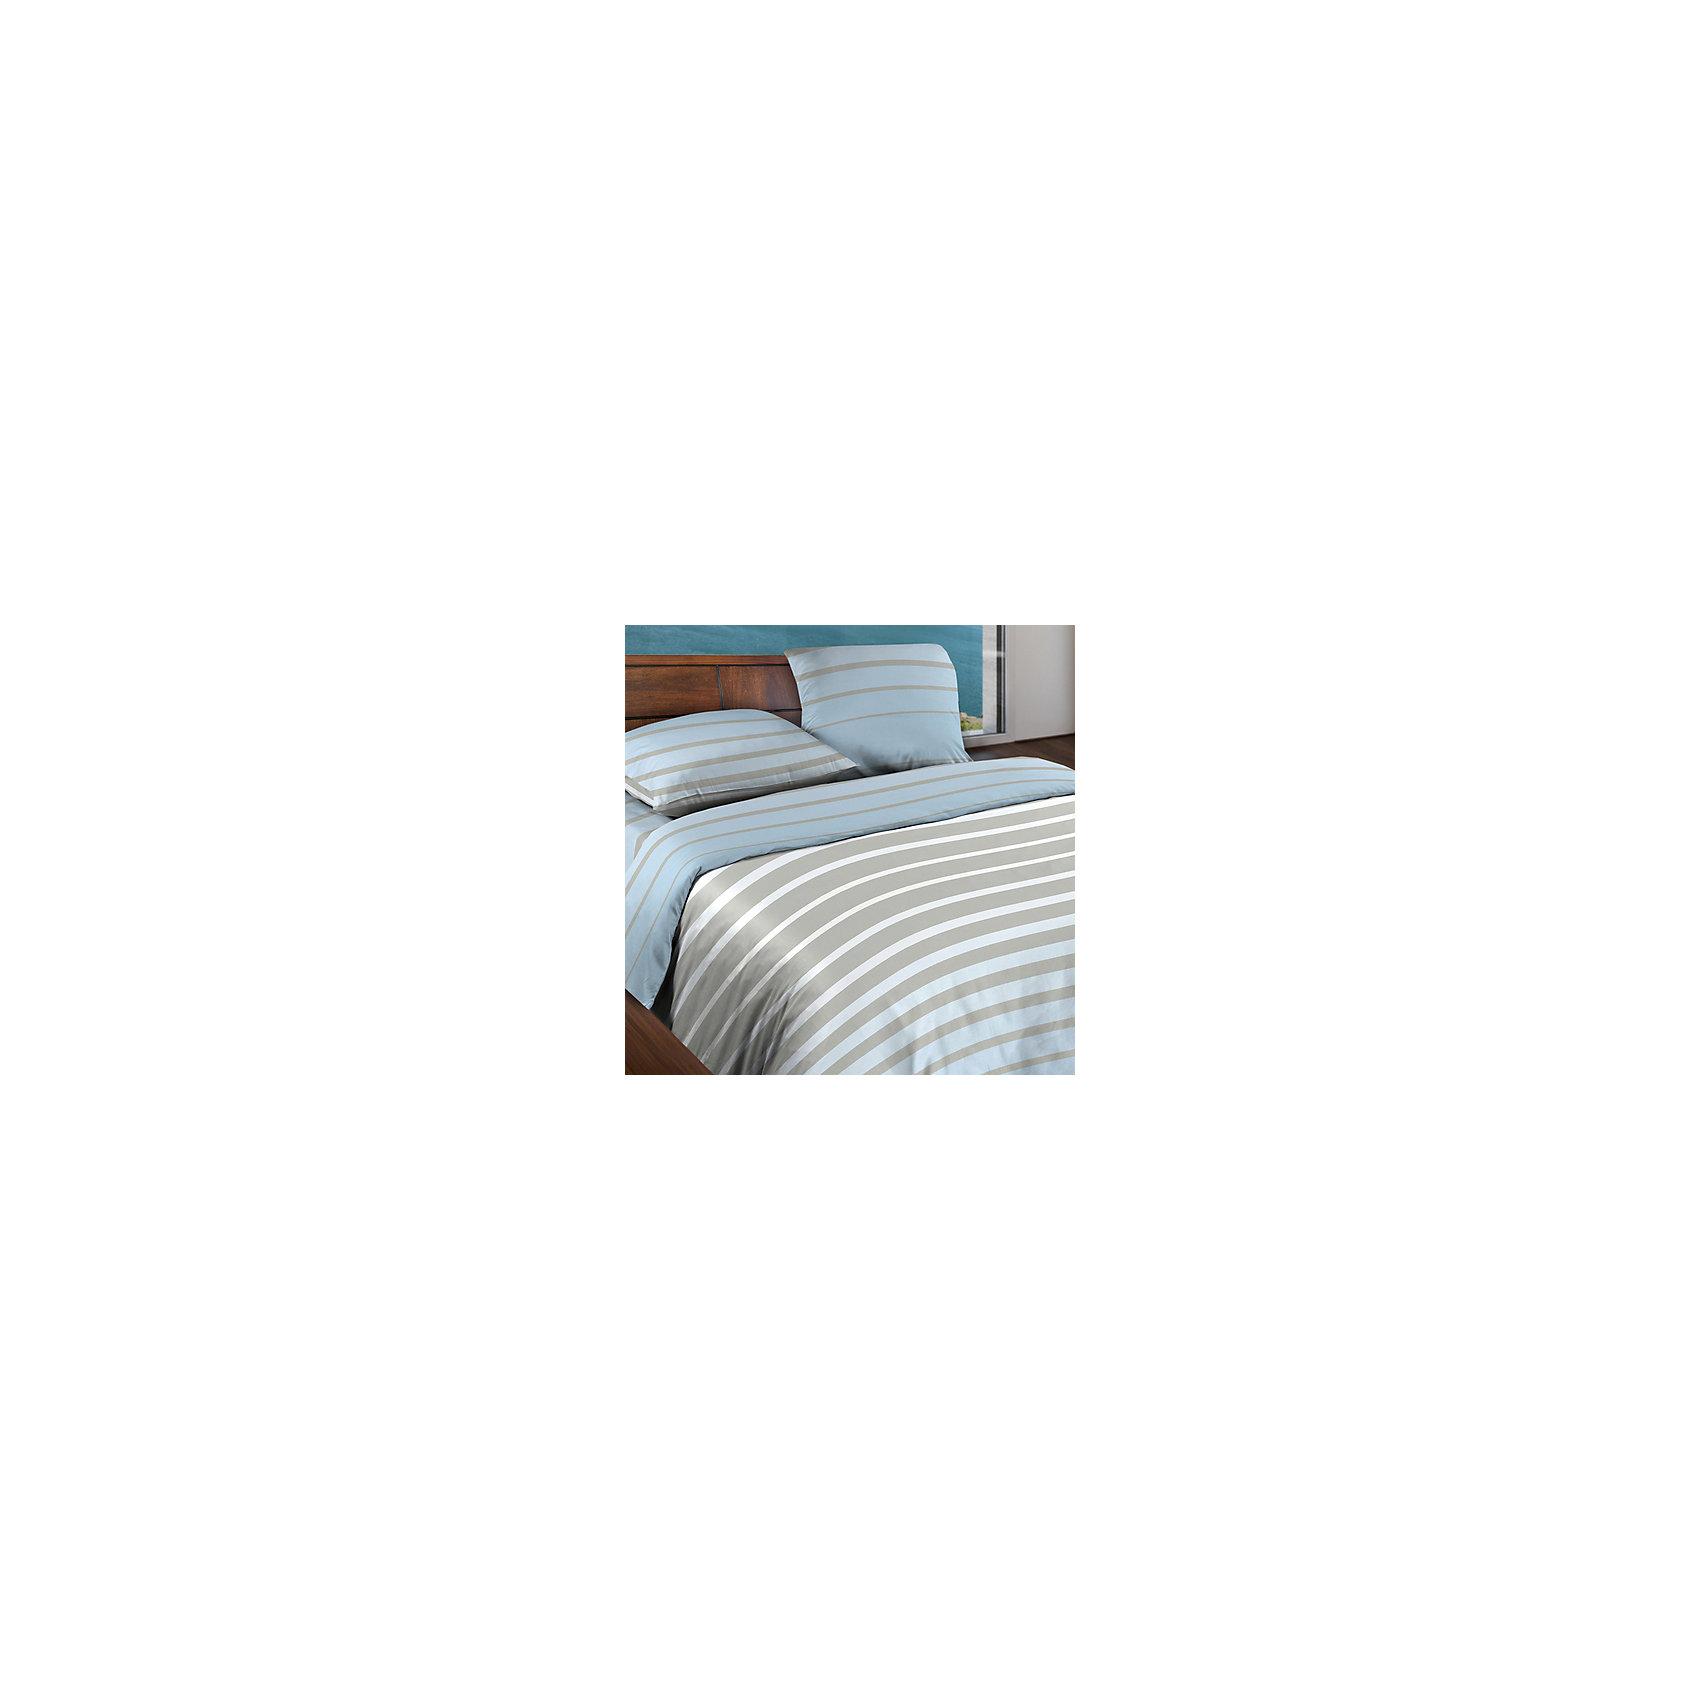 Постельное белье 1,5 сп. Stripe Breeze БИО Комфорт, Wenge MotionХарактеристики 1,5 спального комплекта постельного белья   Stripe Breeze  БИО Комфорт, Wenge Motion:<br><br>- производитель: Неотек<br>- материал: бязь<br>- состав: 100% хлопок<br>- размер комплекта: полутораспальный<br>- размер пододеяльника: 215*145 см.<br>- размер простыни: 220*150 см.<br>- размер наволочек: 70*70 (2 шт)<br>- упаковка комплекта: книжка пвх<br>- страна бренда: Россия<br>- страна производитель: Россия<br><br>Постельное белье Stripe Breeze серии Wenge Motion создано для тех, кто предпочитает идти в ногу со временем. Акцент сделан на сдержанном и лаконичном дизайне, который подчеркнет Вашу индивидуальность и прекрасно впишется в интерьер. Изделия изготовлены из ткани БИОкомфорт – это бязь она мягкая и приятная на ощупь ткань натуральный хлопок. Комплект постельного белья серии Wenge Motion, декорированный геометрическим узором, украсит Вашу спальню и подарит Вам спокойные сны. Комплект полутораспального постельного белья состоит из пододеяльника, простыни и двух наволочек размера 70х70 см, он отлично подойдет для небольшой кровати. Комплект белья из хлопка износостоек, легко стирается и гладится, выдерживает большое количество стирок без ущерба для внешнего вида. Белье можно стирать в стиральной машине в деликатном режиме. Комплект стильного постельного белья – всегда уместный подарок на любое торжество.<br><br>Комплекта постельного белья   Stripe Breeze  серии Wenge Motion можно купить в нашем интернет-магазине.<br><br>Ширина мм: 370<br>Глубина мм: 70<br>Высота мм: 370<br>Вес г: 1400<br>Возраст от месяцев: 36<br>Возраст до месяцев: 216<br>Пол: Унисекс<br>Возраст: Детский<br>SKU: 5100115